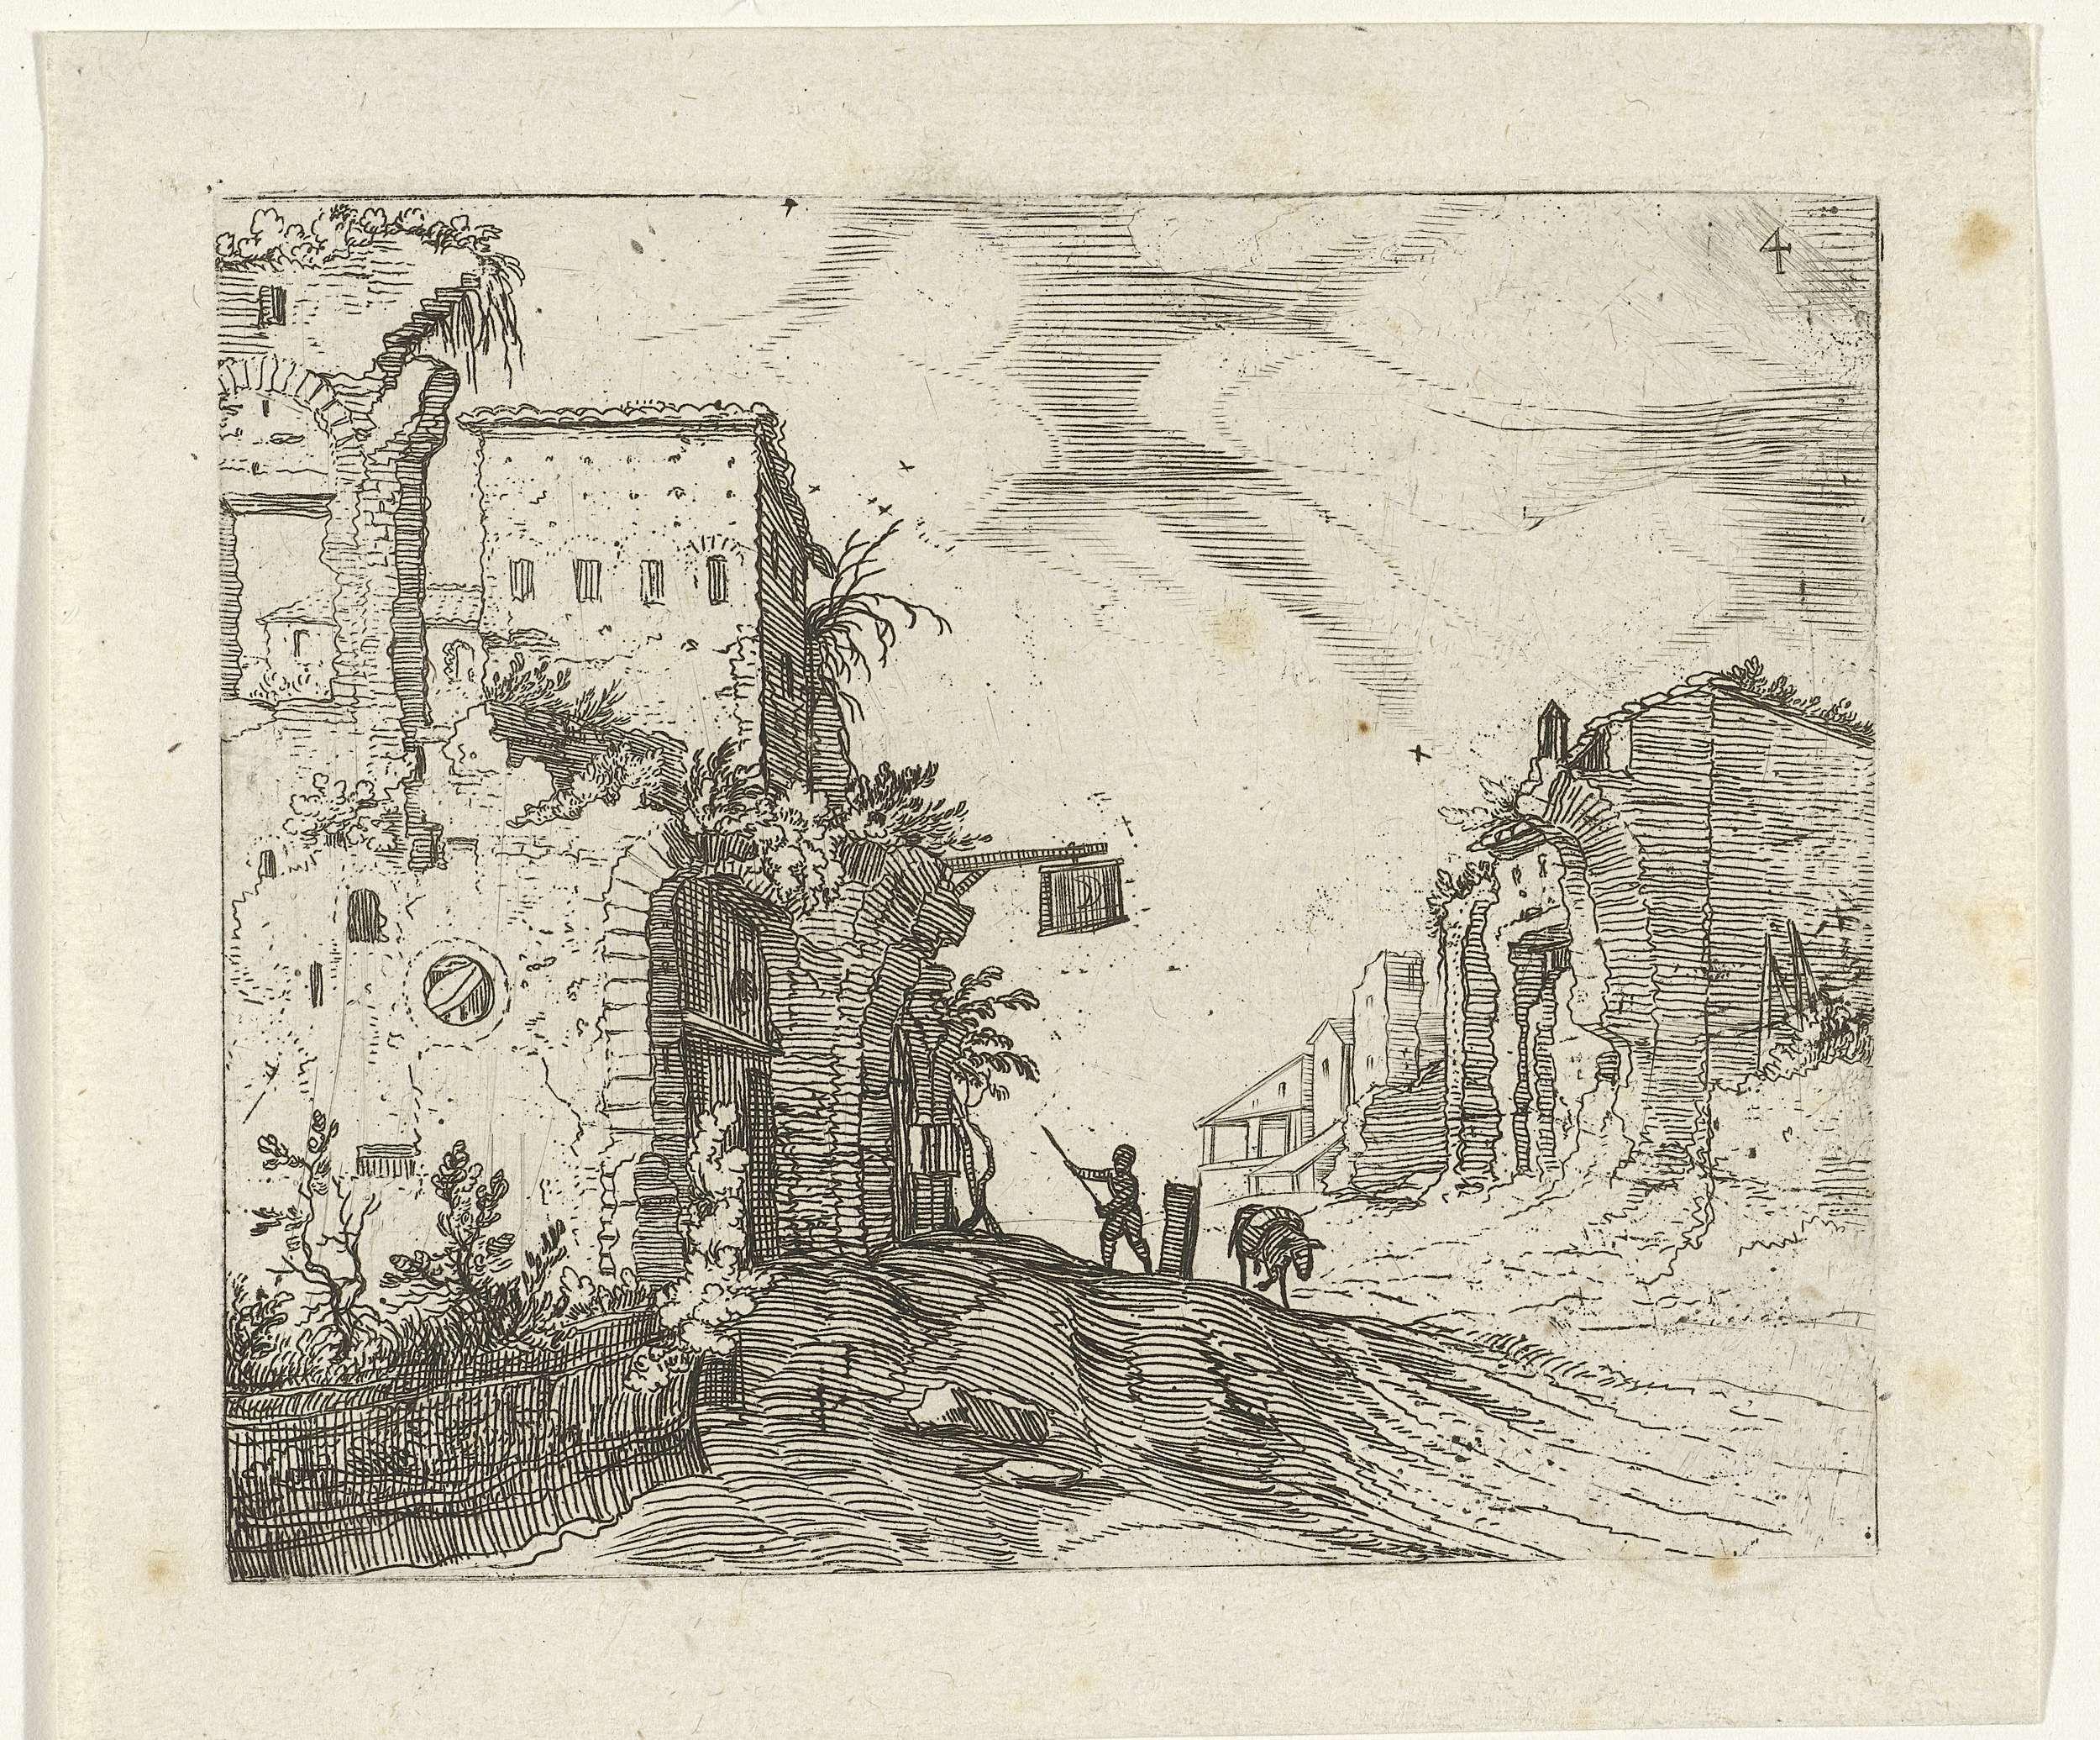 Willem van Nieulandt (II) | Weg tussen ruïnes, Willem van Nieulandt (II), 1594 - 1618 | Een weg met ruïnes aan weerszijden. Rechts hangt aan de muur een uithangbord. Op de weg staan een man met een stok en een ezel. Prent uit een serie Romeinse ruïnes.